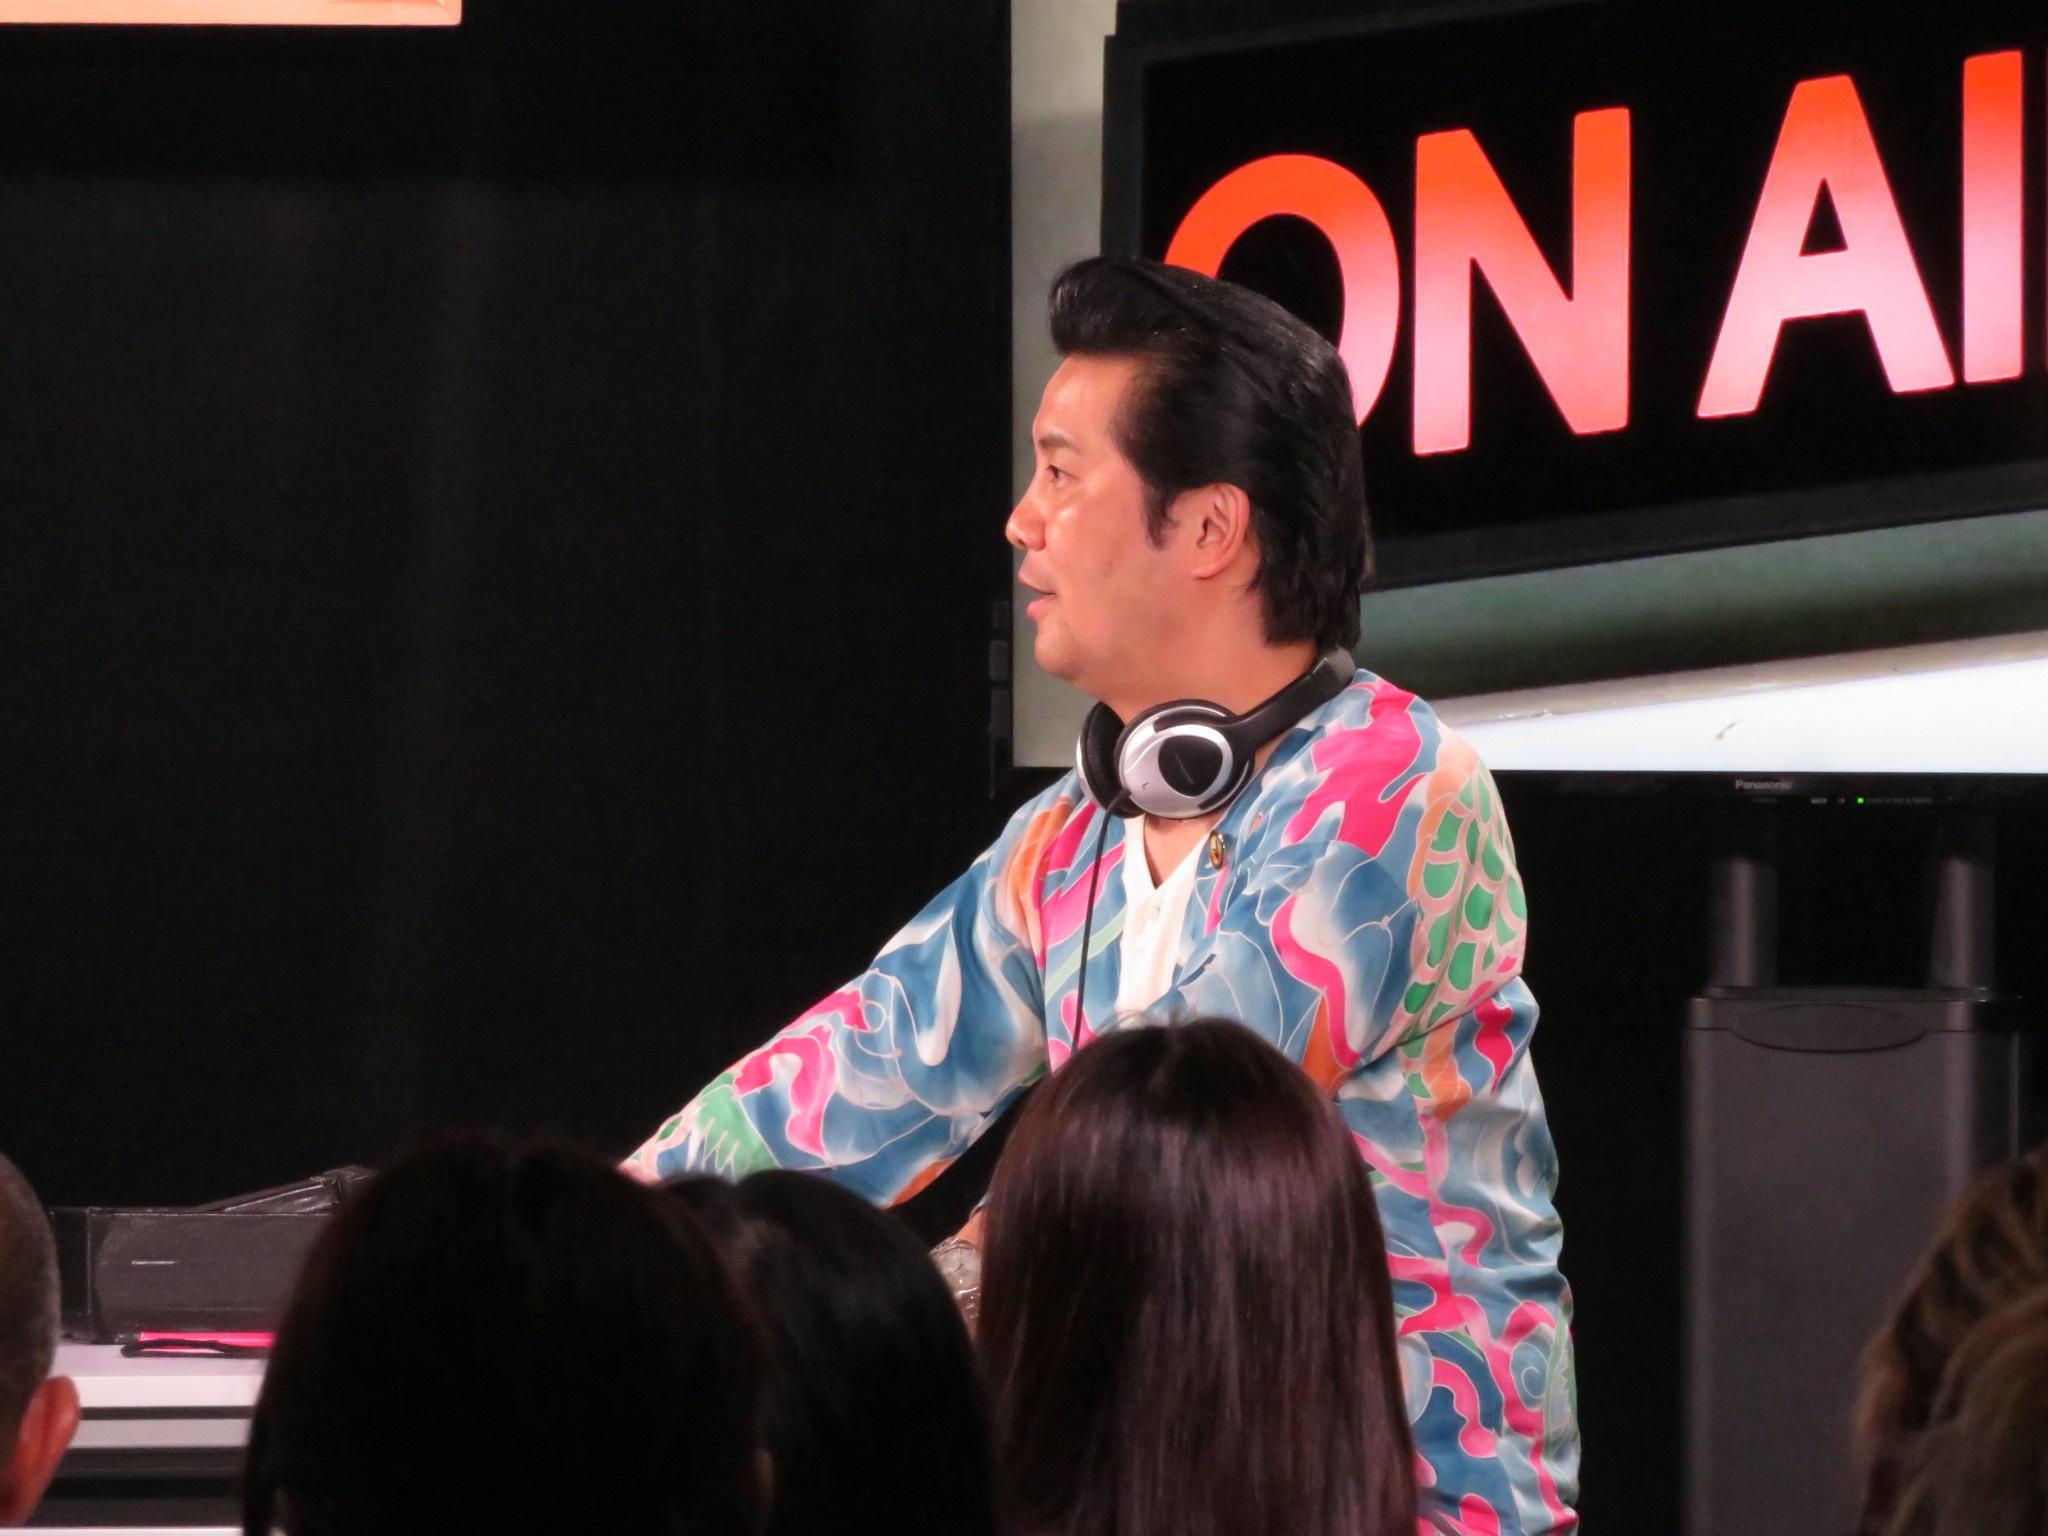 http://news.yoshimoto.co.jp/20180910210124-23e84917f3020e7d6df536296f9e654f74e2dc64.jpg